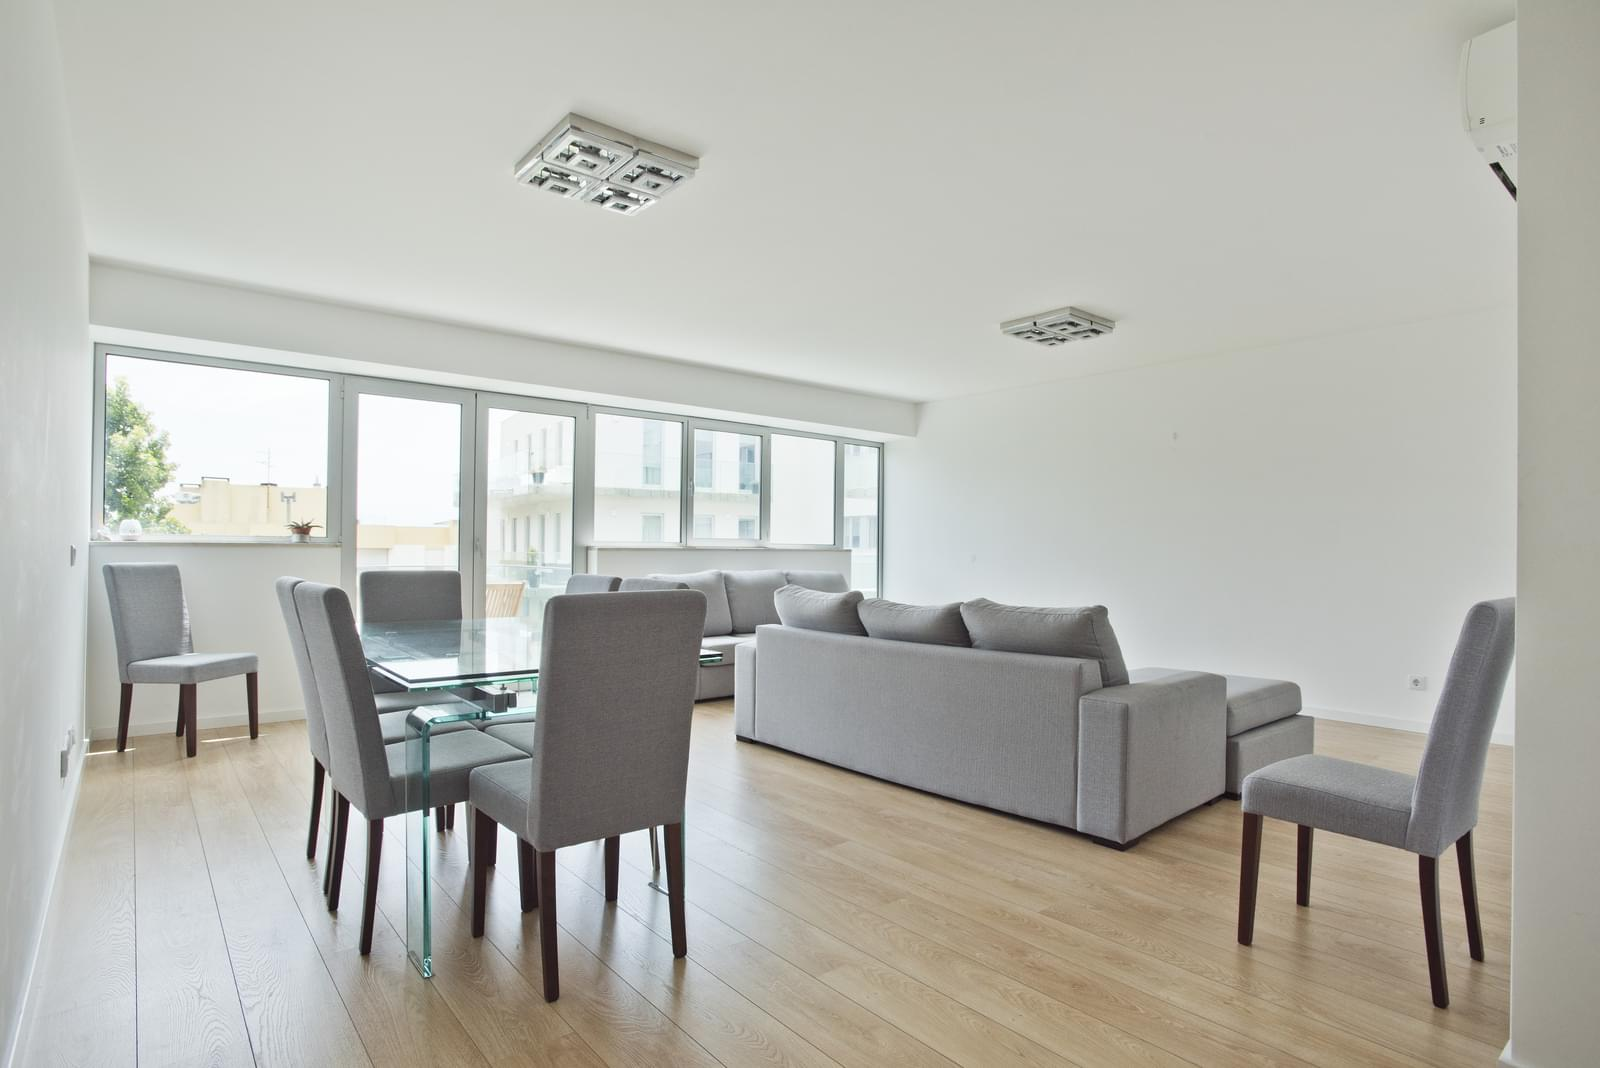 pf13975-apartamento-t4-oeiras-8012c110-32ec-416d-bdc1-e2c6e7e026fa